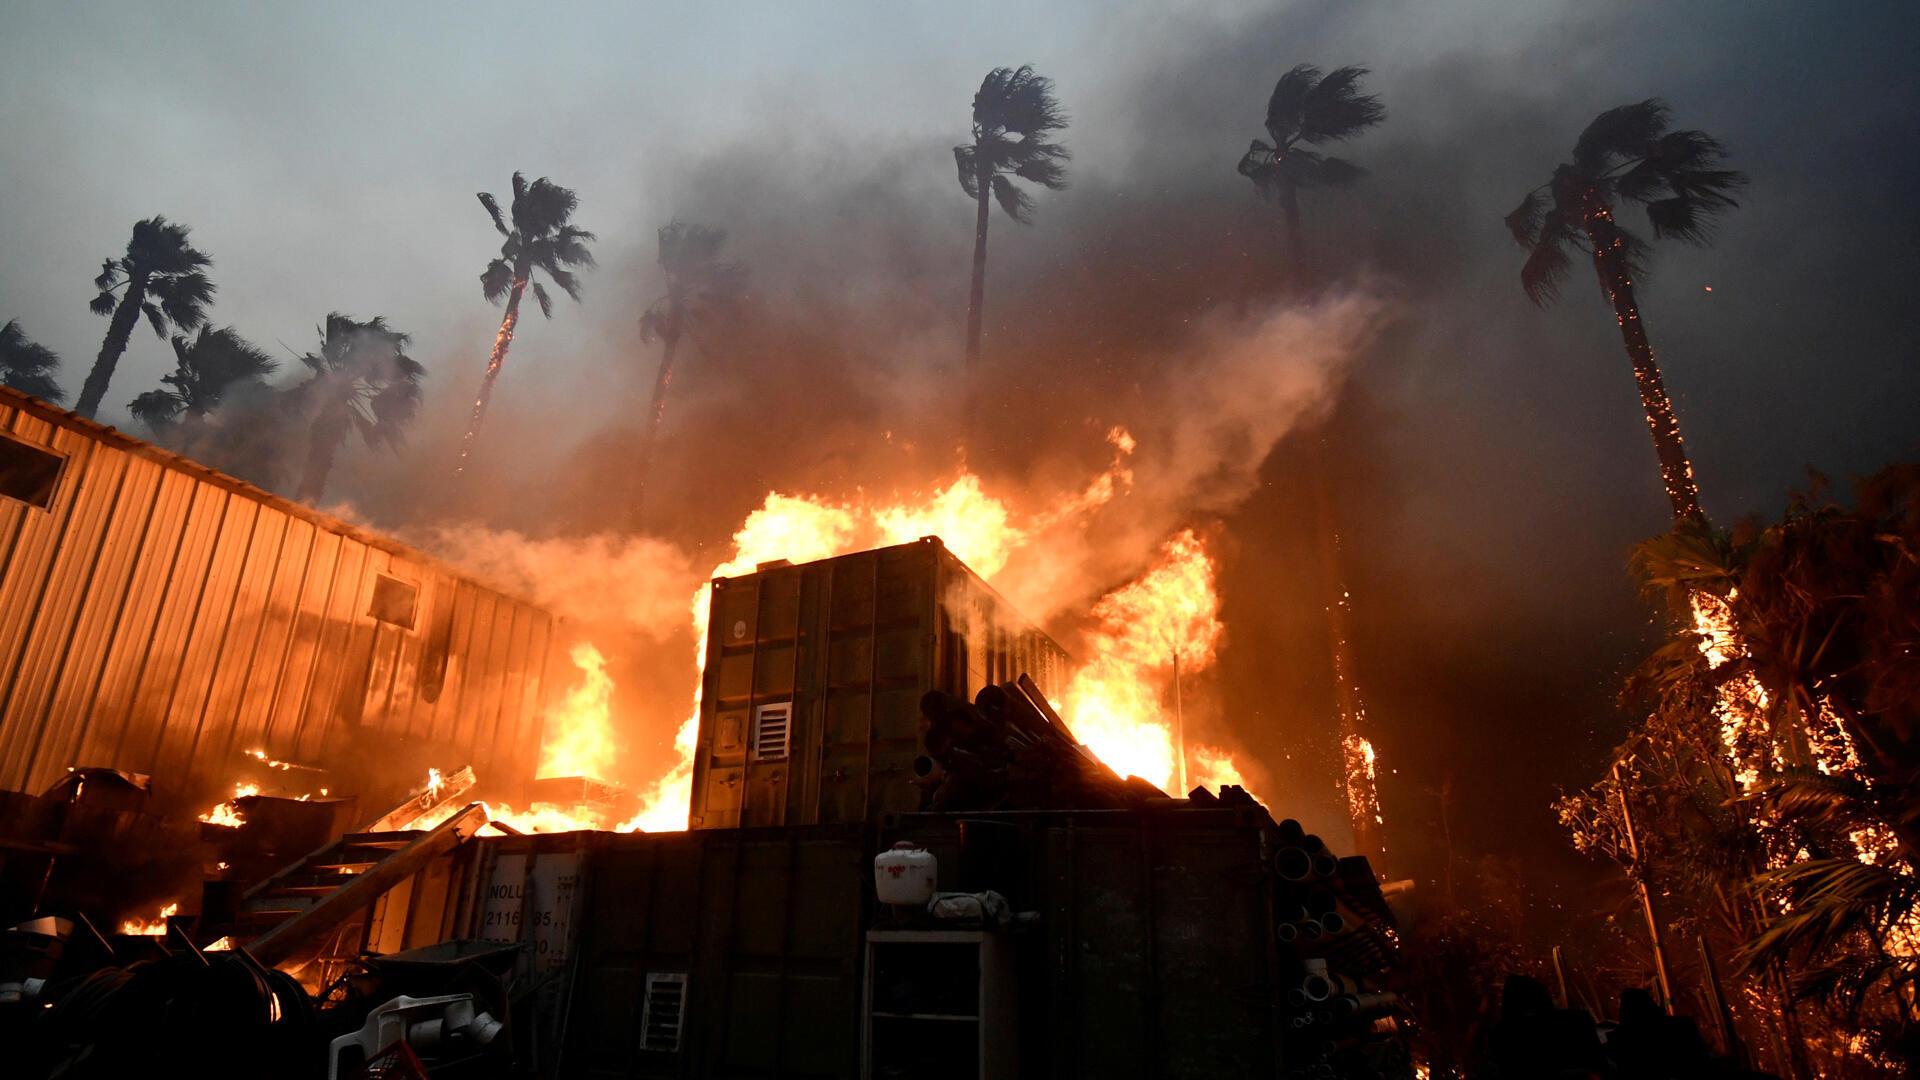 Un hogar envuelto en llamas durante el incendio Woolsey en Malibú, California. La conflagración ha destruido más de 7.000 edificios, en su mayoría hogares particulares.